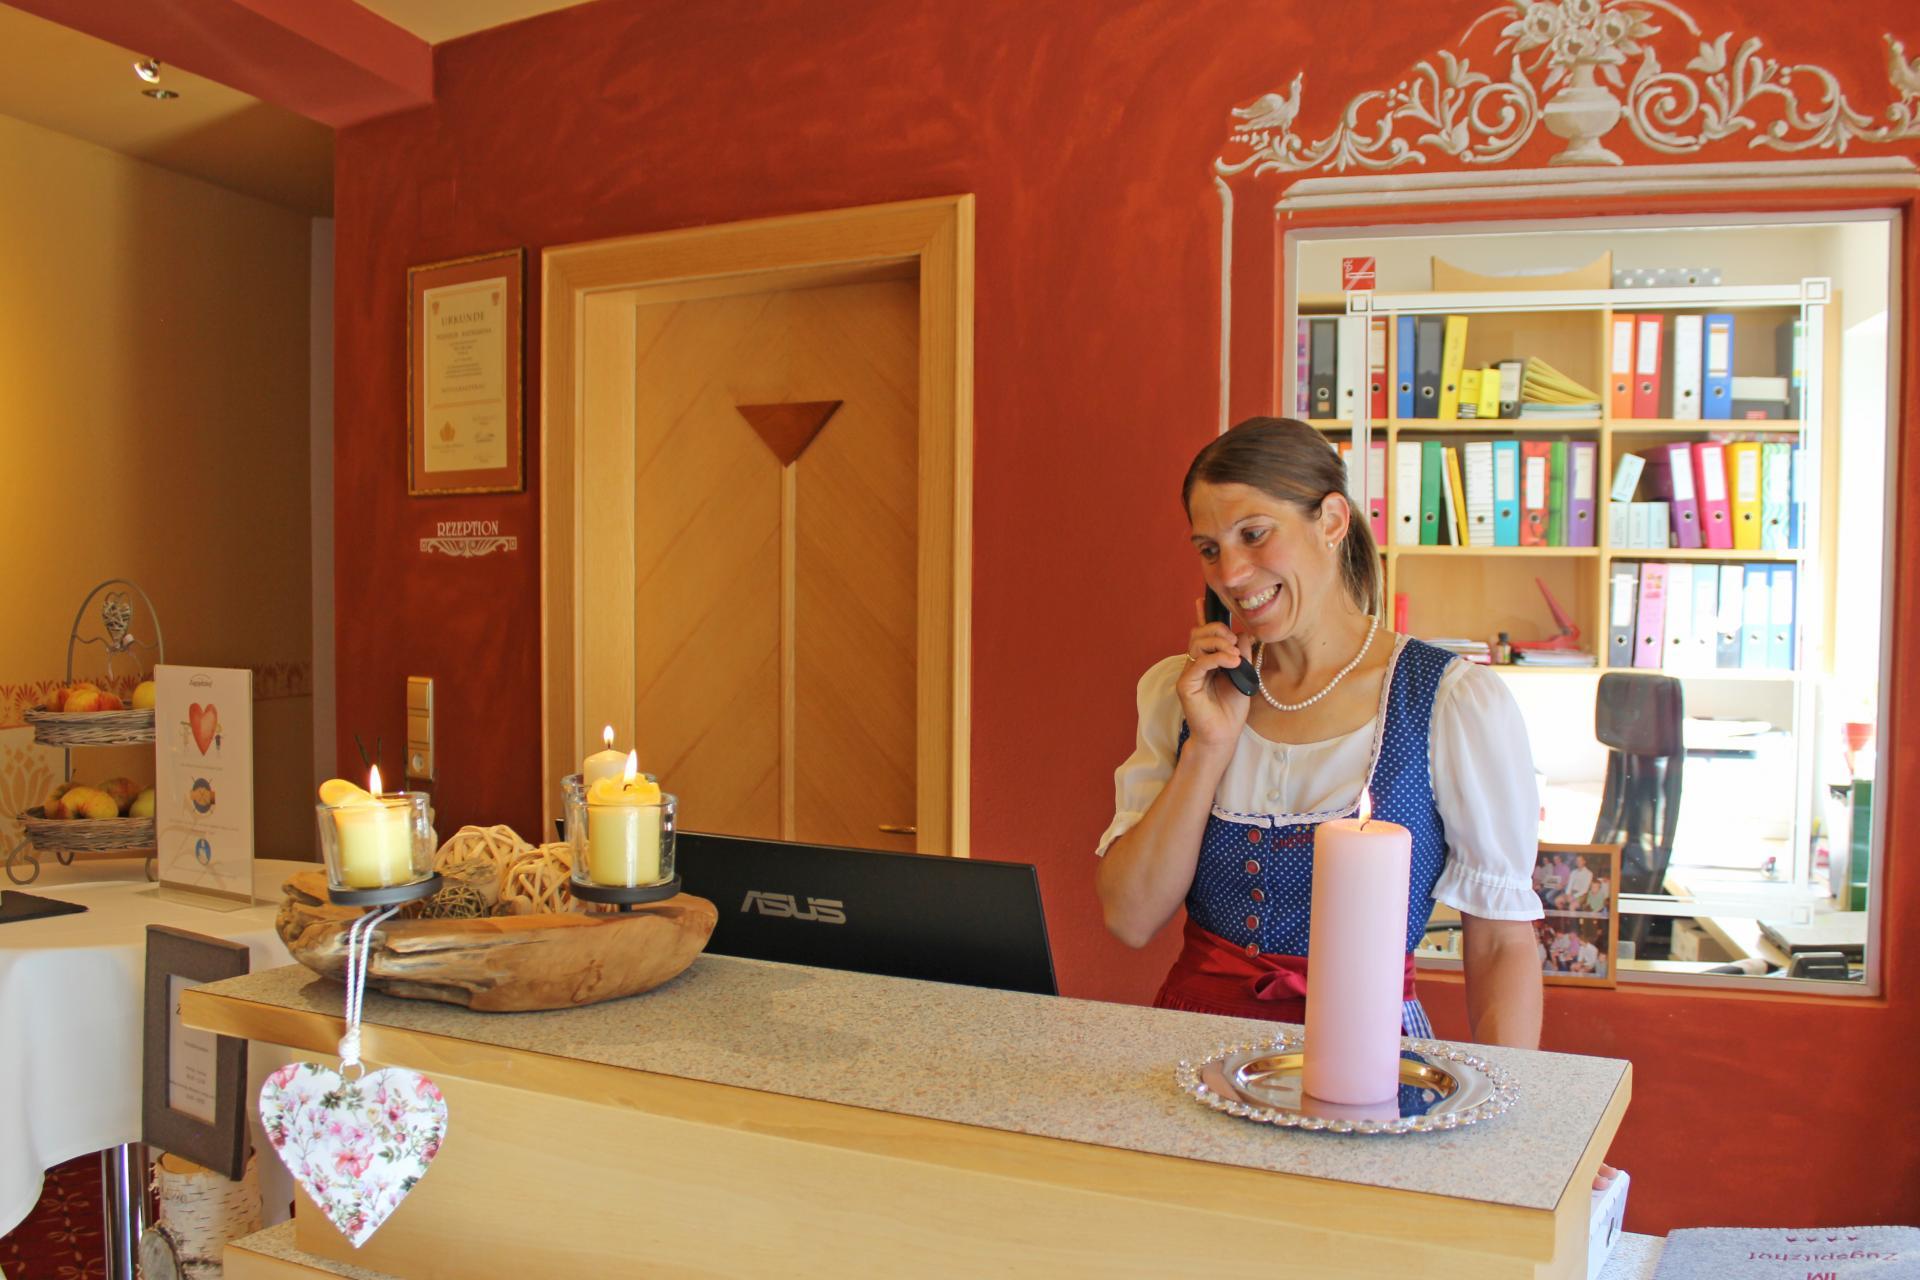 4 Sterne Zugspitzhof Ehrwald #Bildergalerie#Preise#Anfragen#News